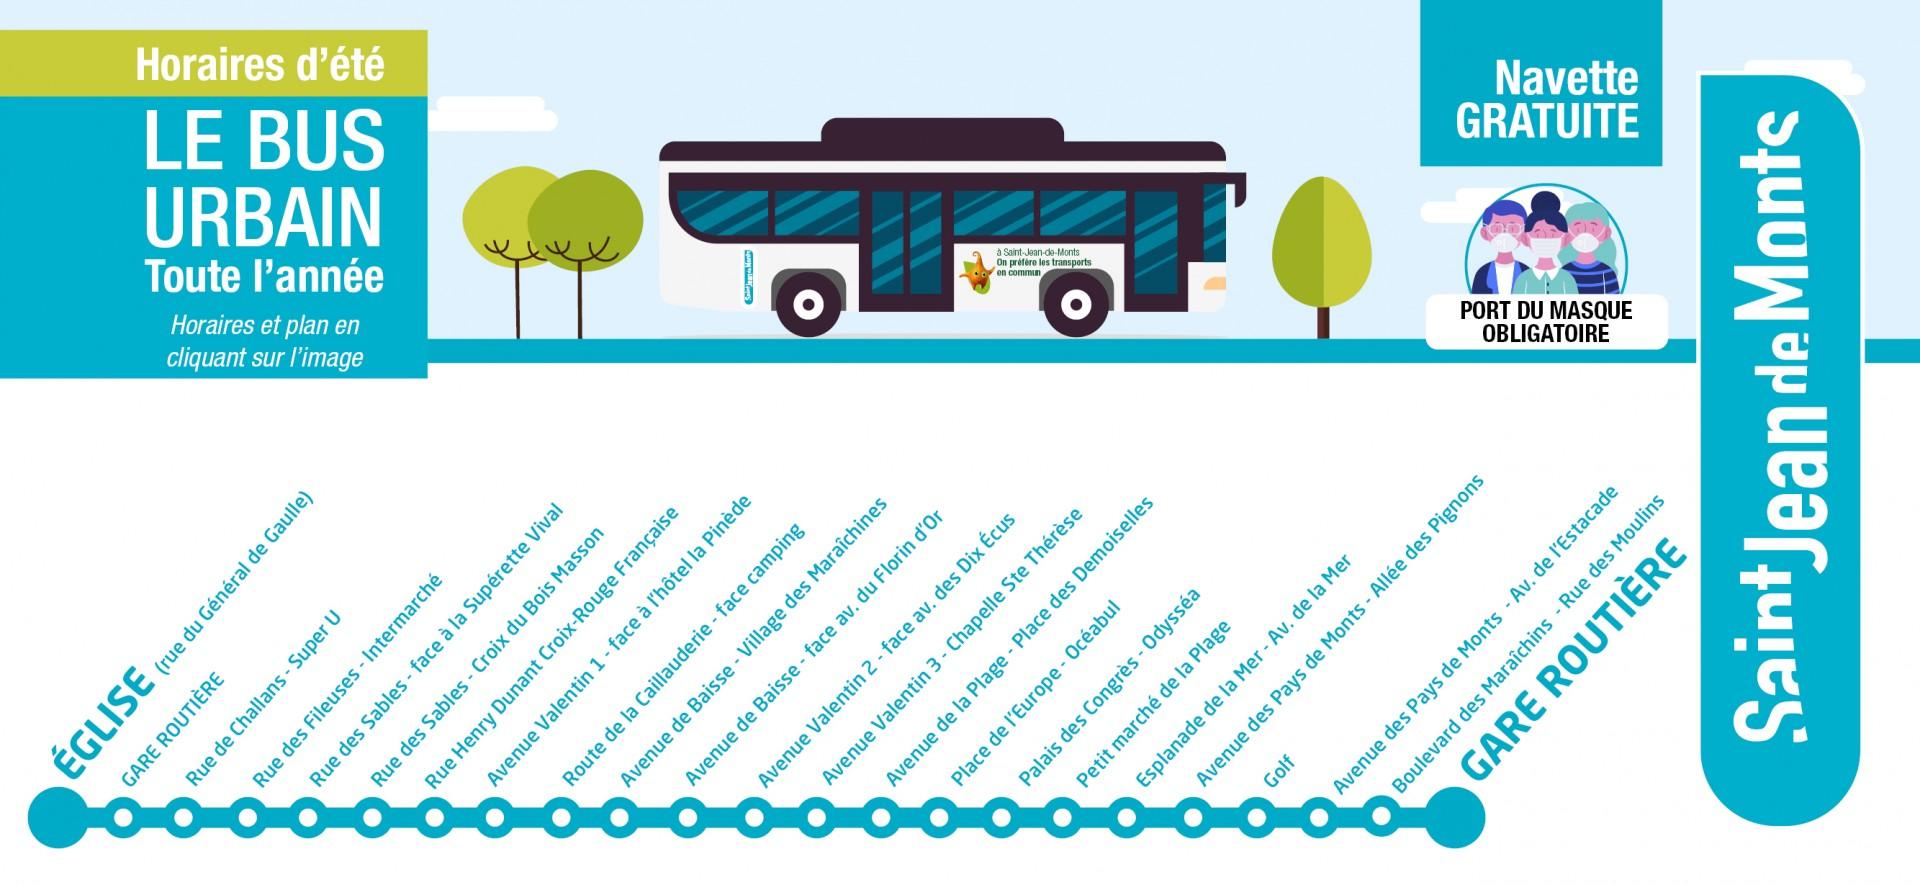 bus-urbain-bandeausite-2021-ete-9389